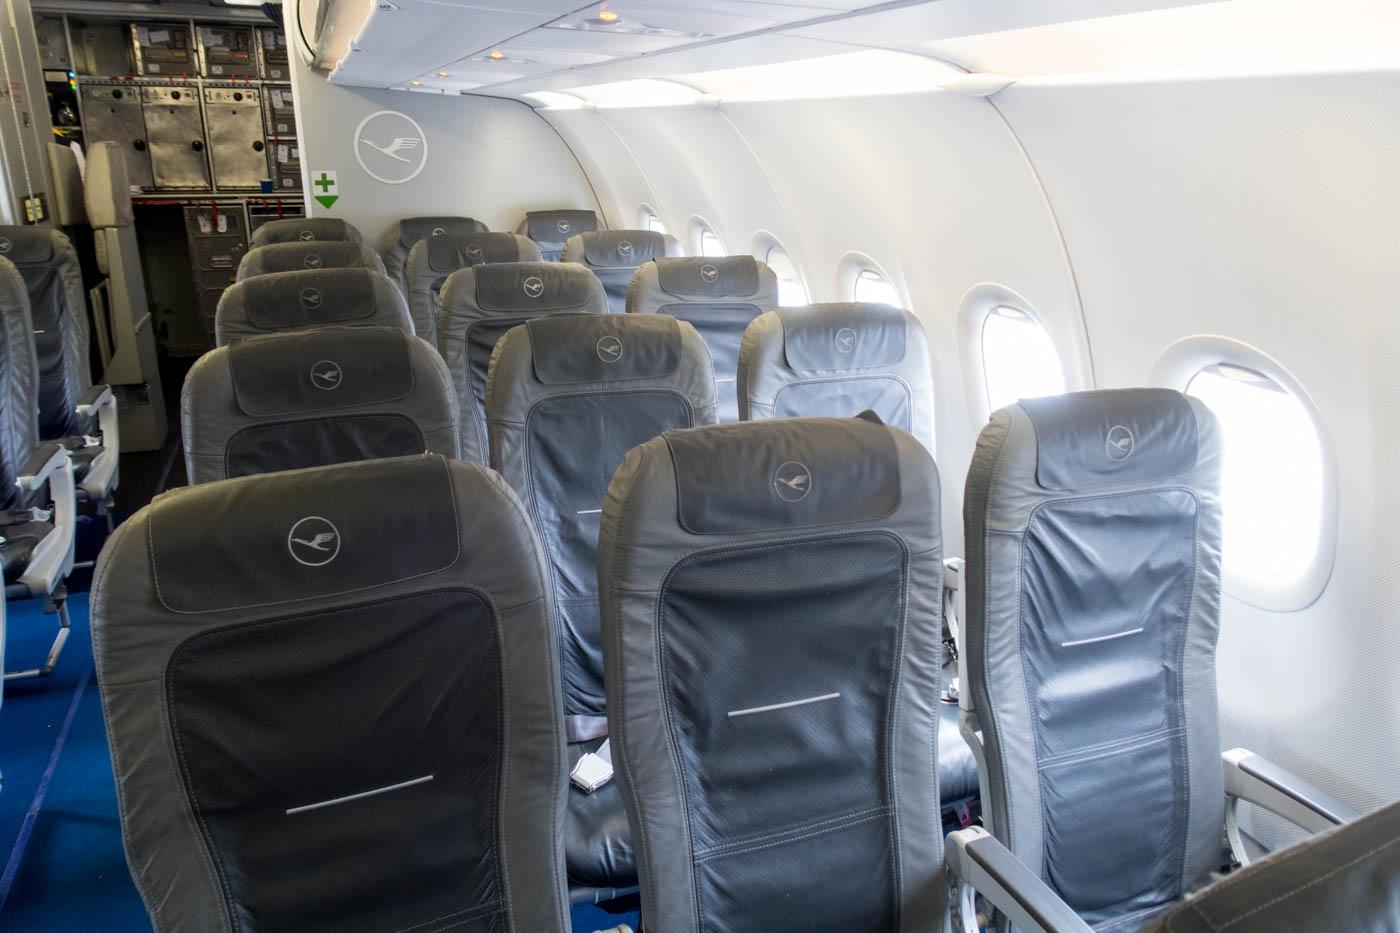 Lufthansa Intra-European Economy Class